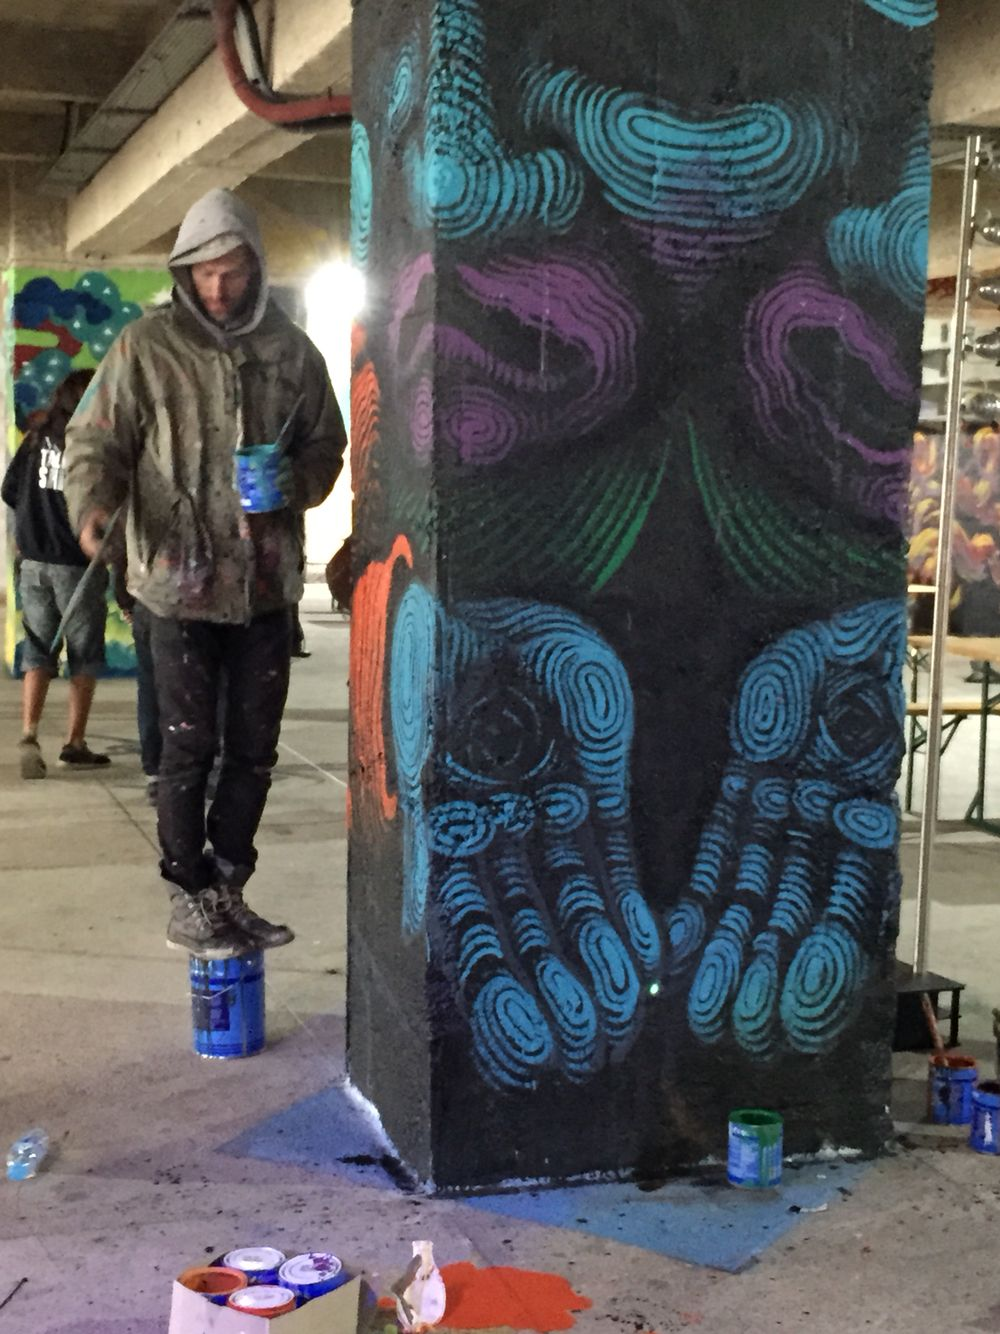 street art docks cit de la mode chromatic peinture seigneurie seigneurie pinterest. Black Bedroom Furniture Sets. Home Design Ideas